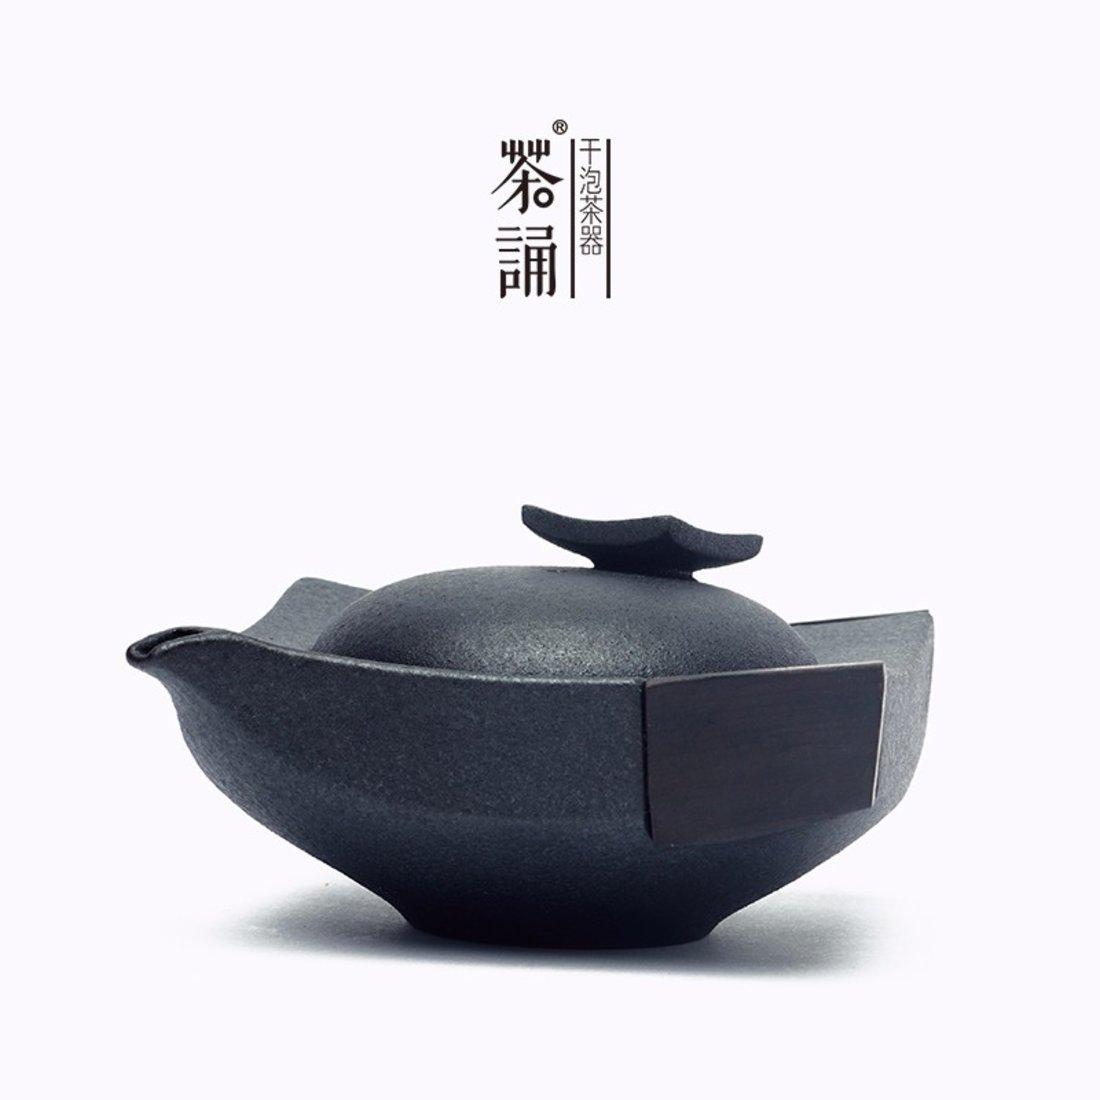 「手抓壶 」 防烫粗陶茶壶